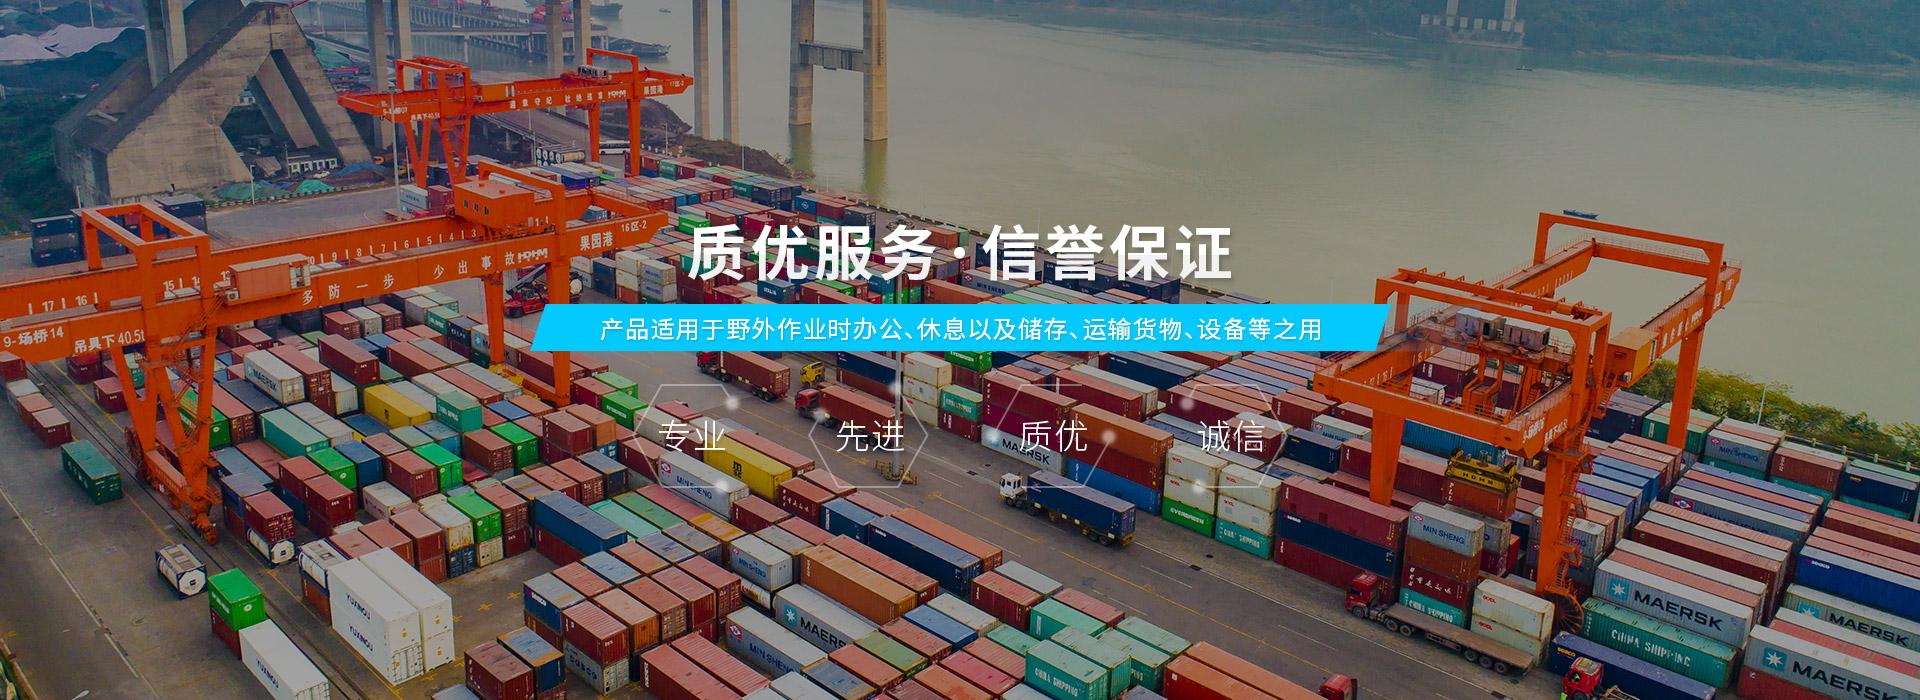 上海集装箱活动房